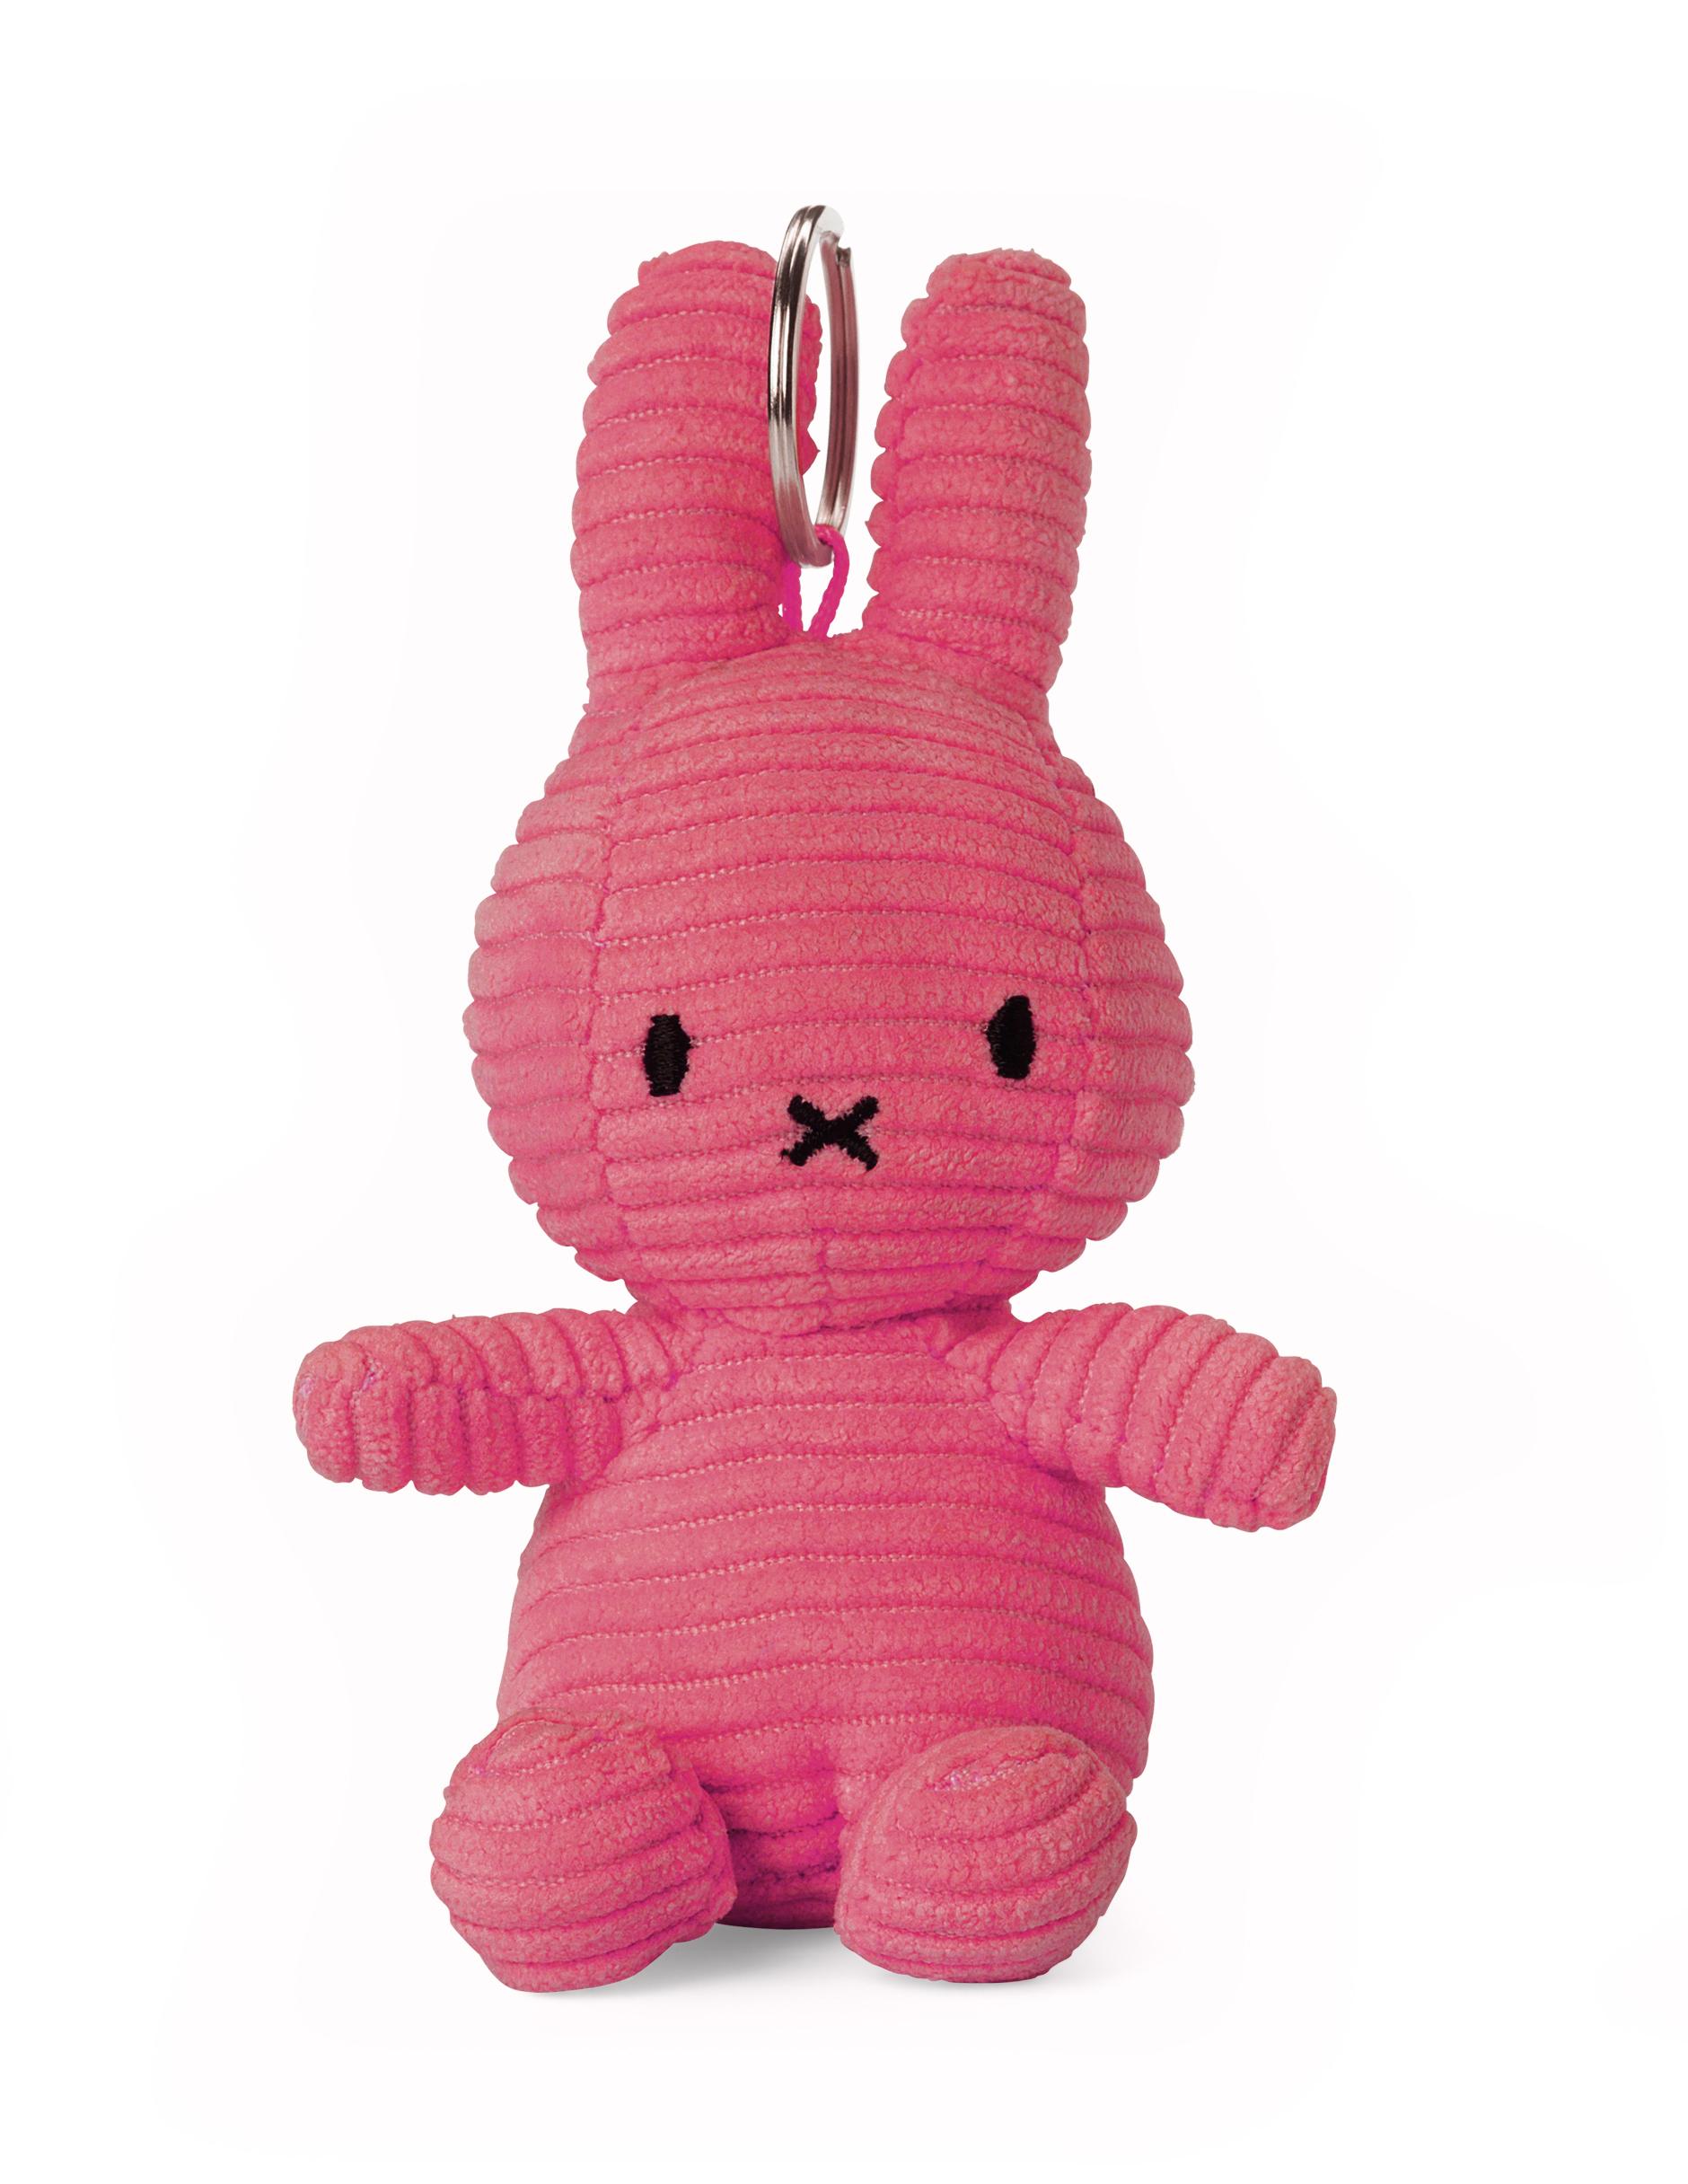 Plyšový zajačik ružový menčester - kľúčenka - Miffy (10 cm)